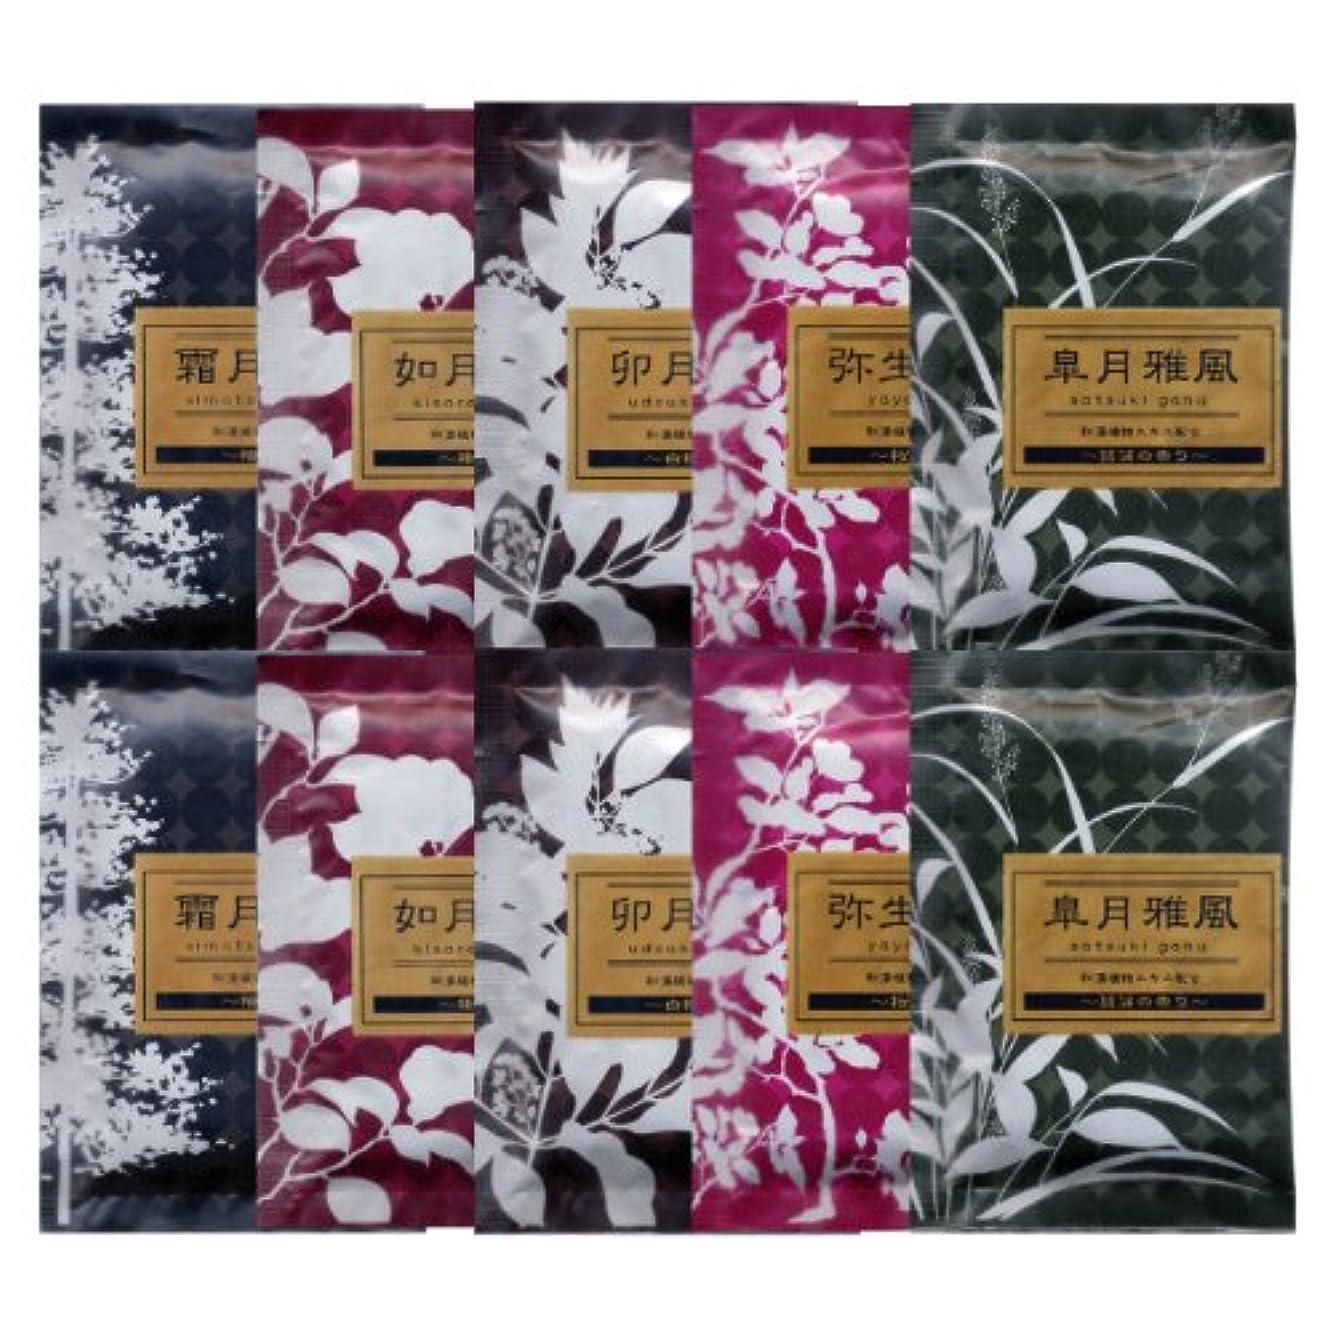 ピュー描写フルート薬用入浴剤 綺羅の刻 5種類×2 10包